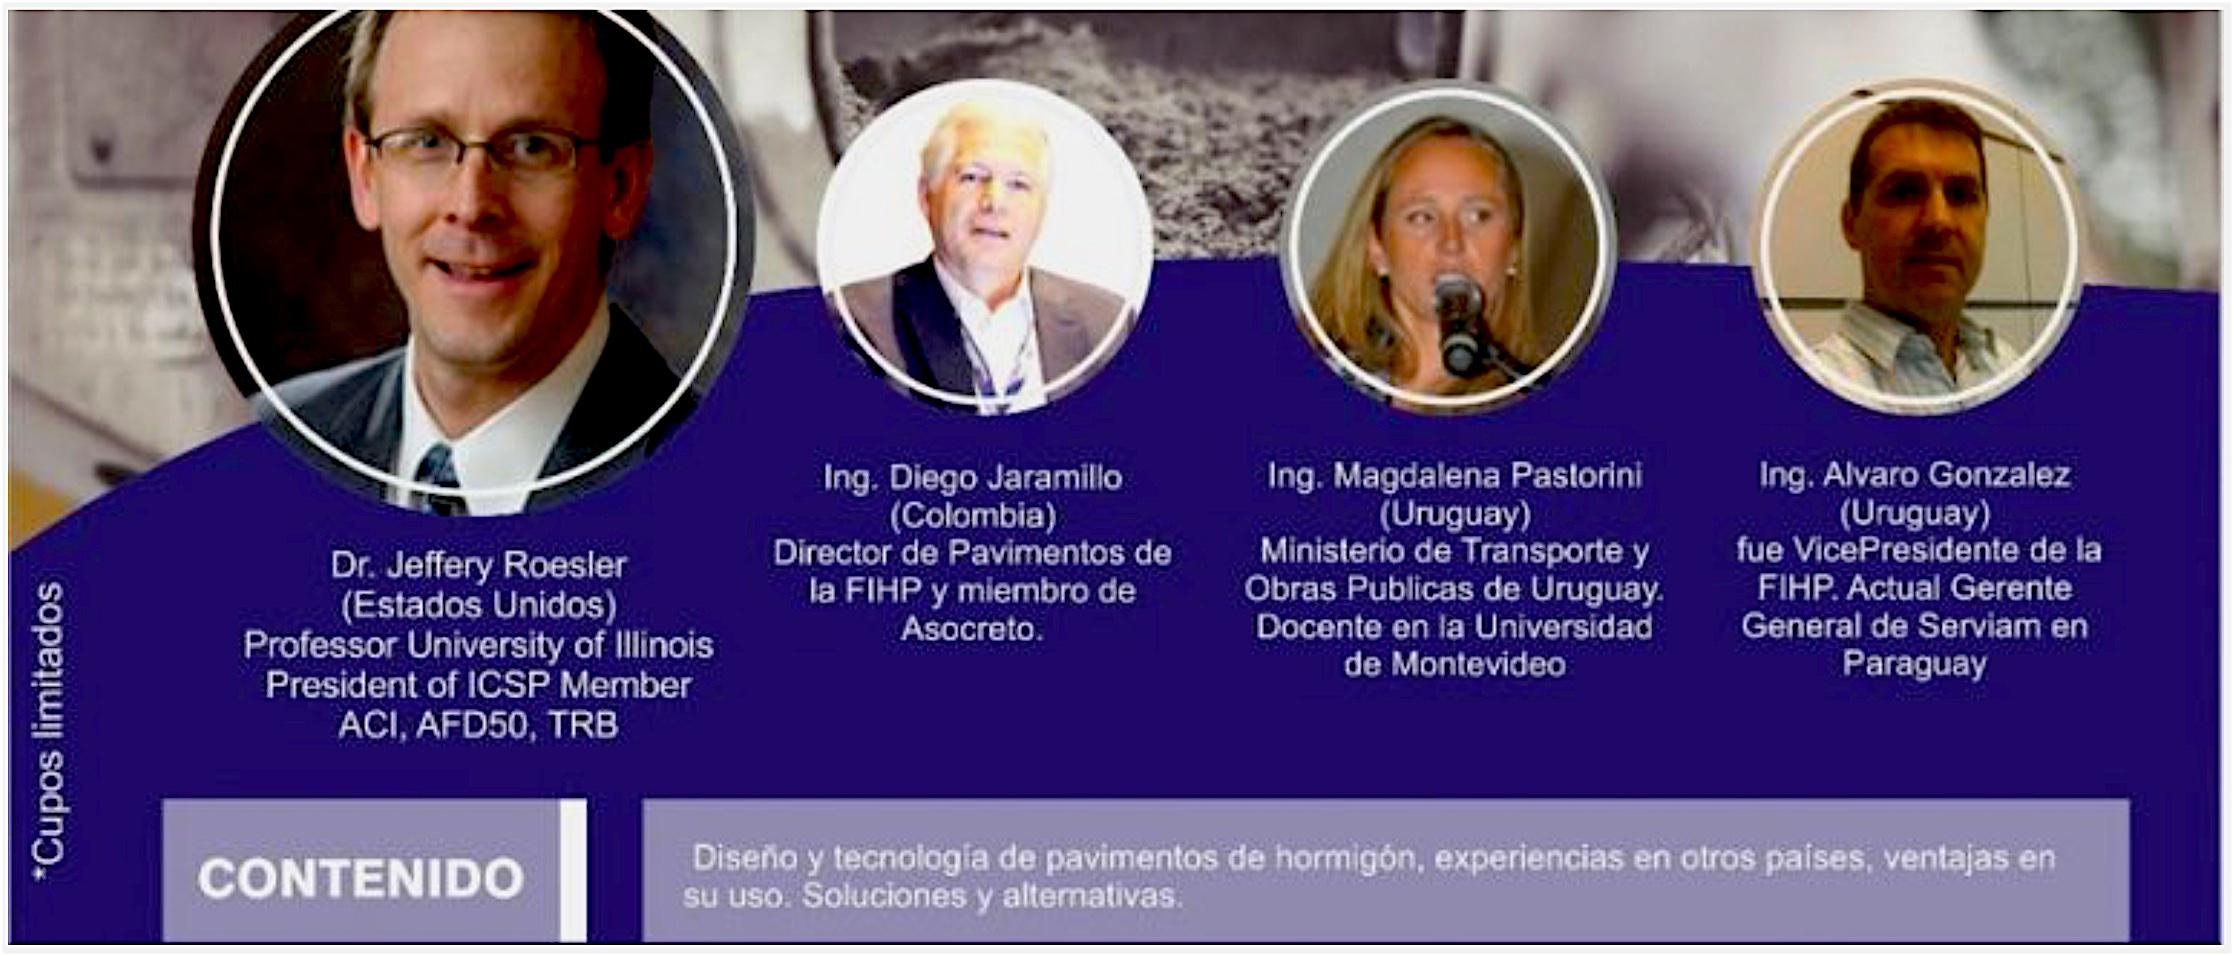 """Paraguay: ISCP President Presented at """"Seminario Sobre Pavimento de Hormigón Reúne en Nuestro País a Referentes Internacionales"""" in November"""